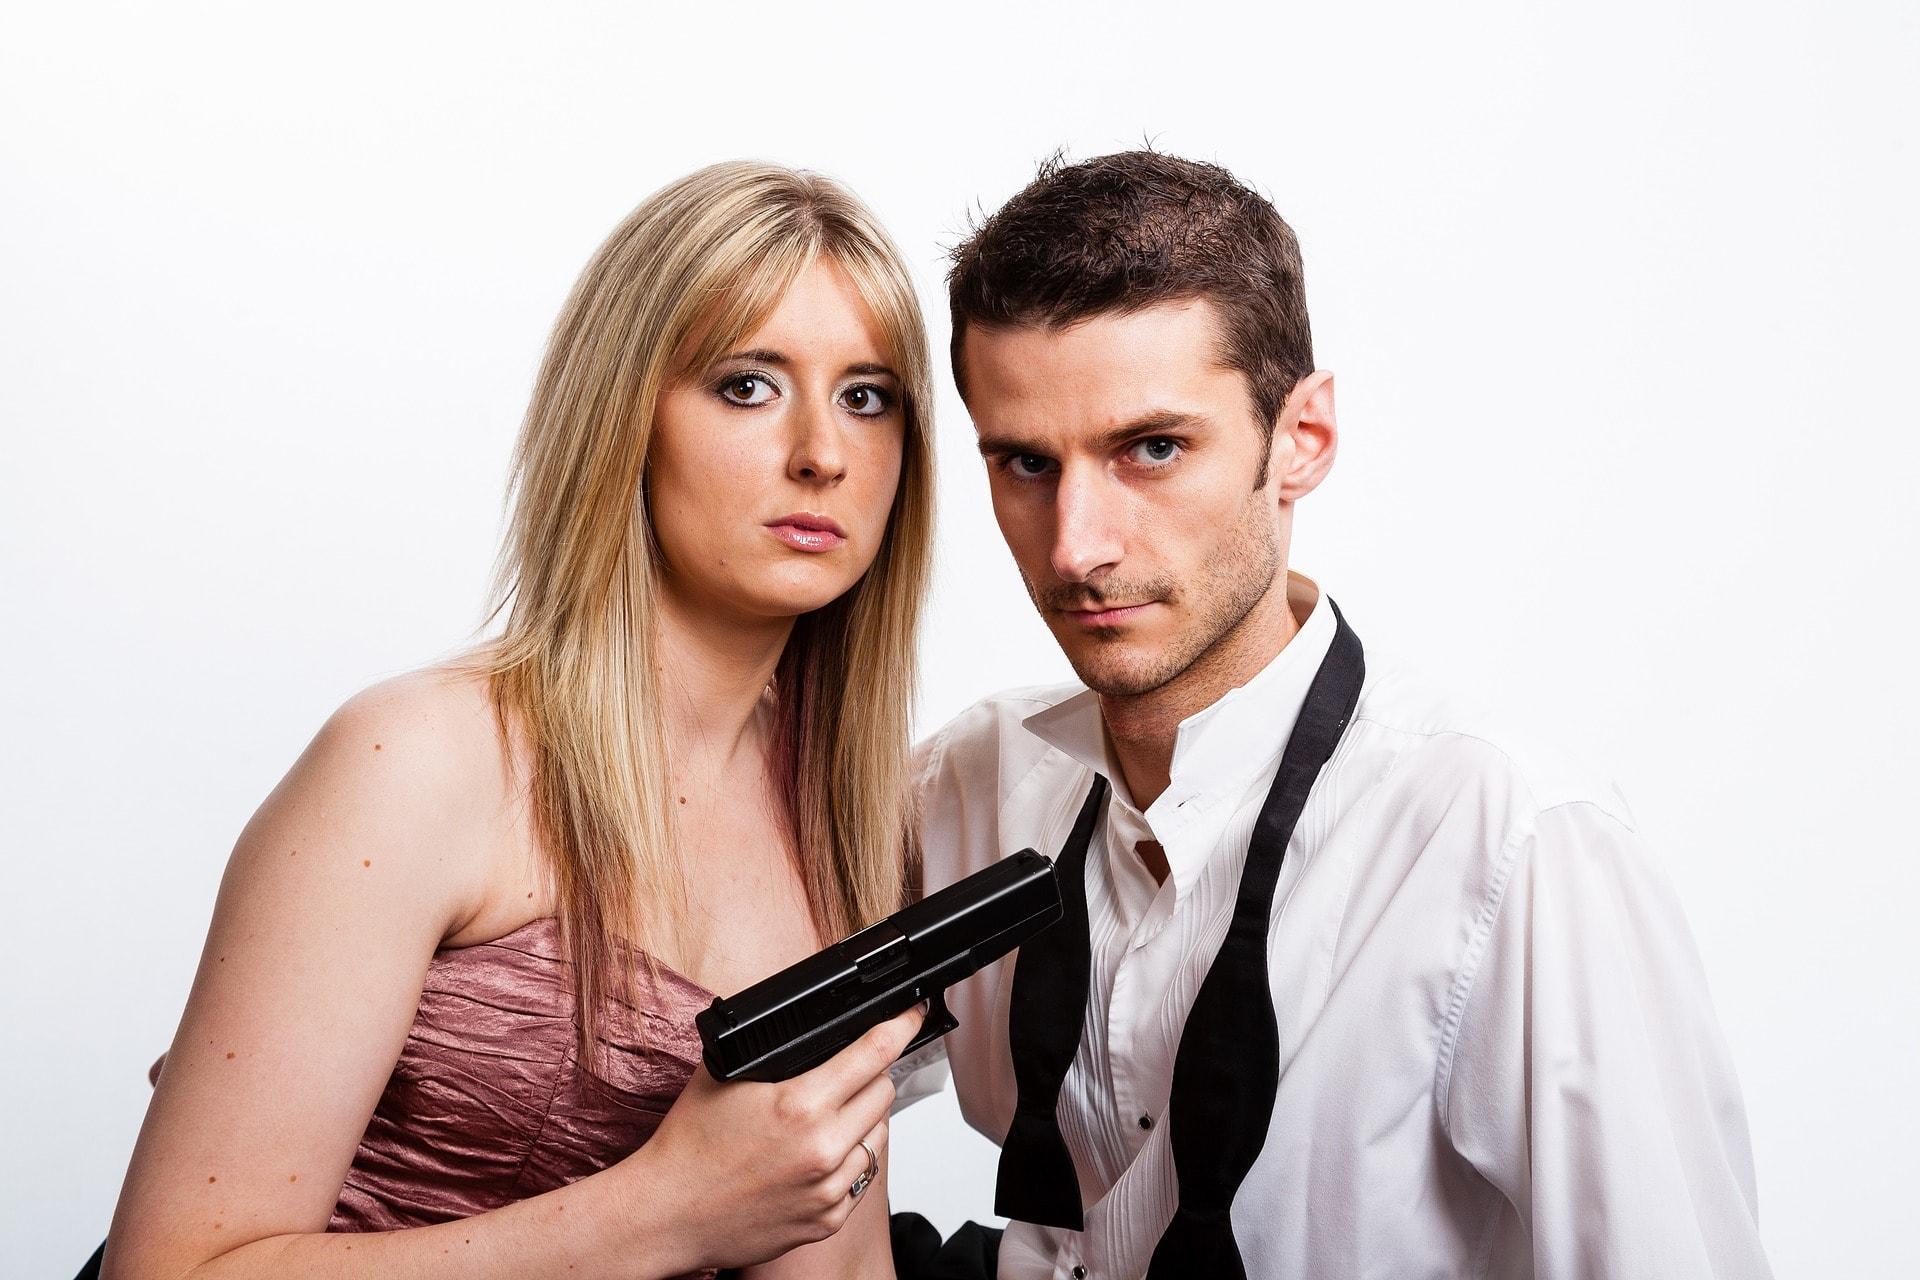 Зачастую конфликты в отношениях возникают из-за неумения принять партнера таким, какой есть